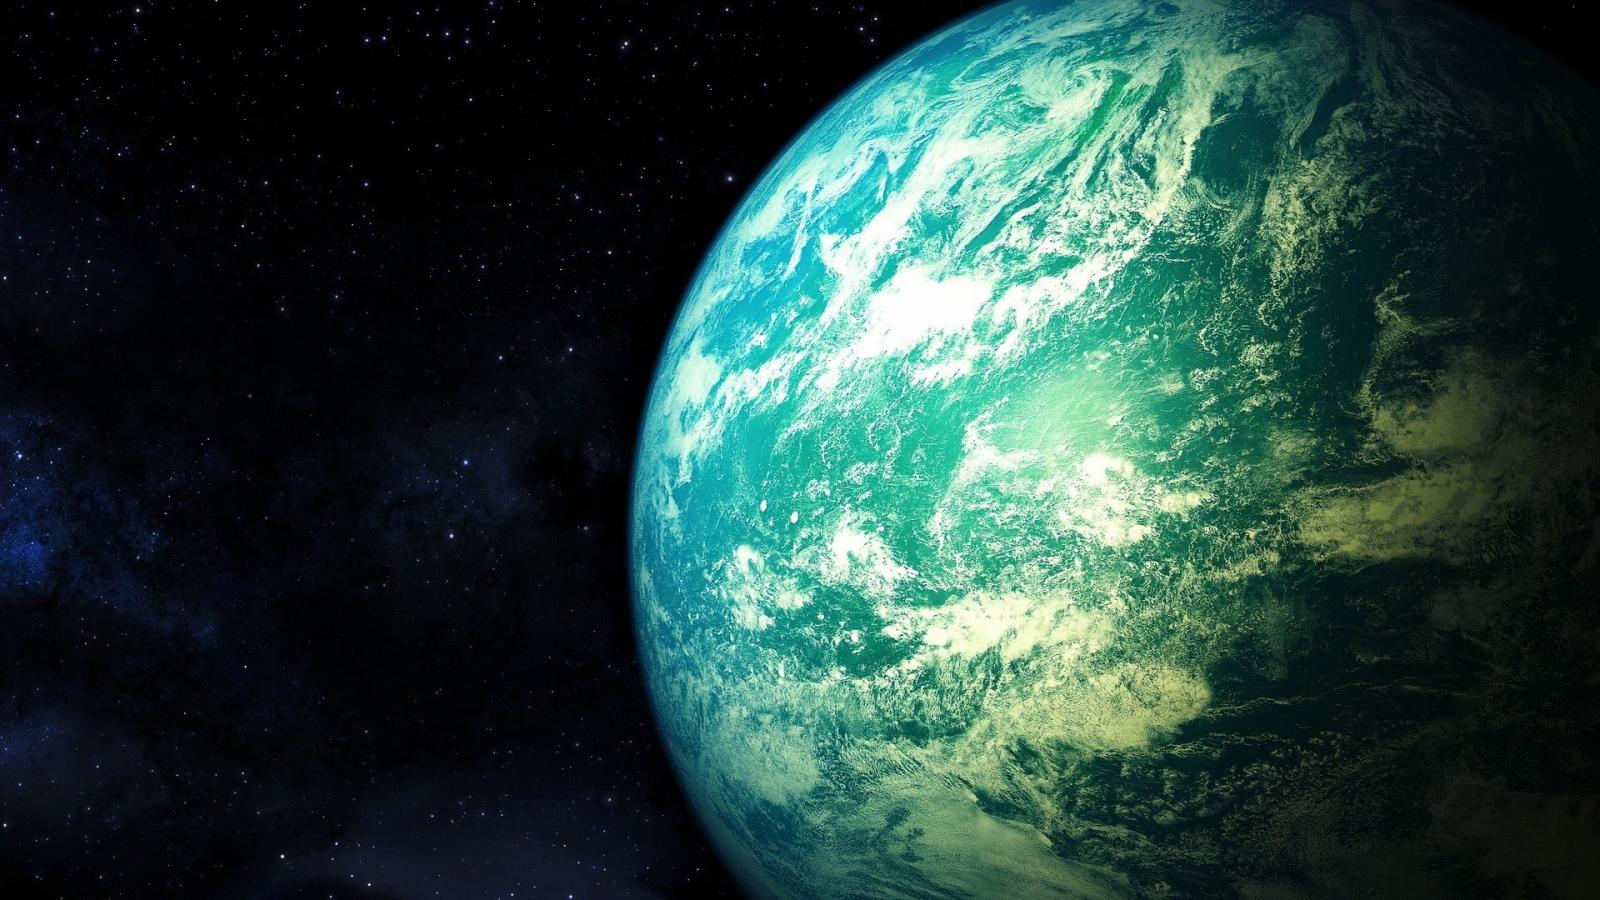 El planeta tierra desde el espacio - 1600x900